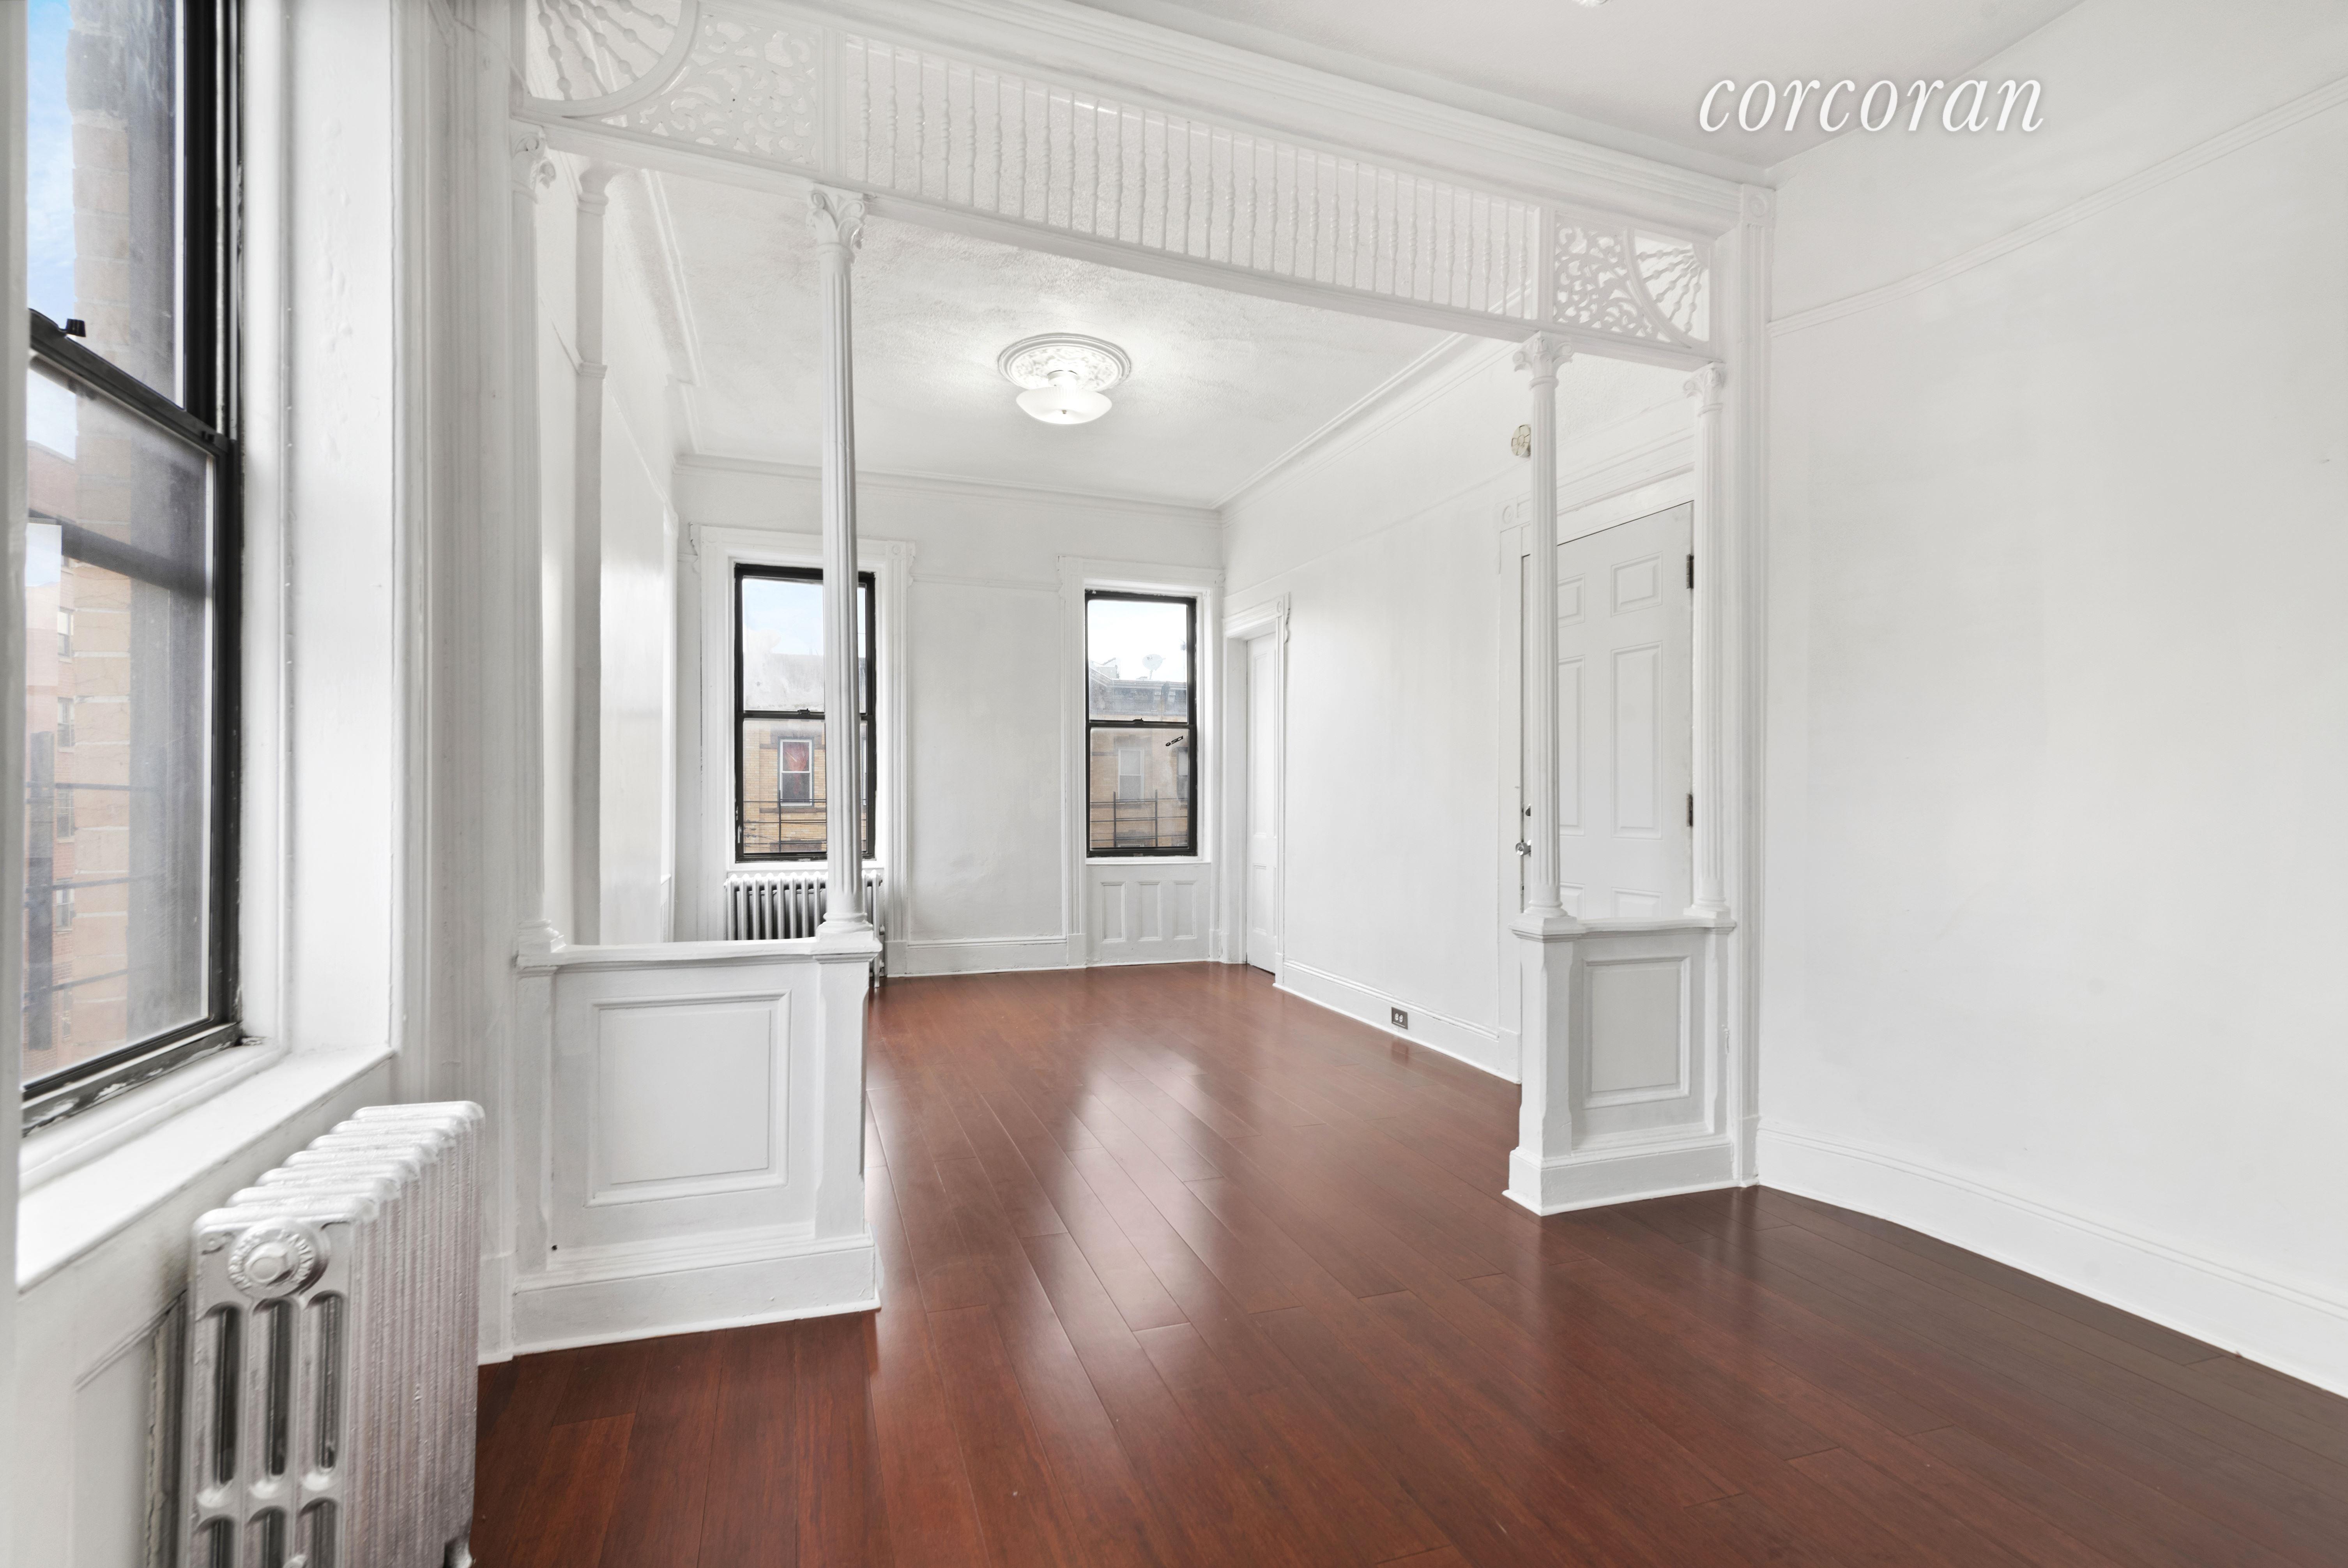 242 Saint Nicholas Avenue, Apt 3, Brooklyn, New York 11237